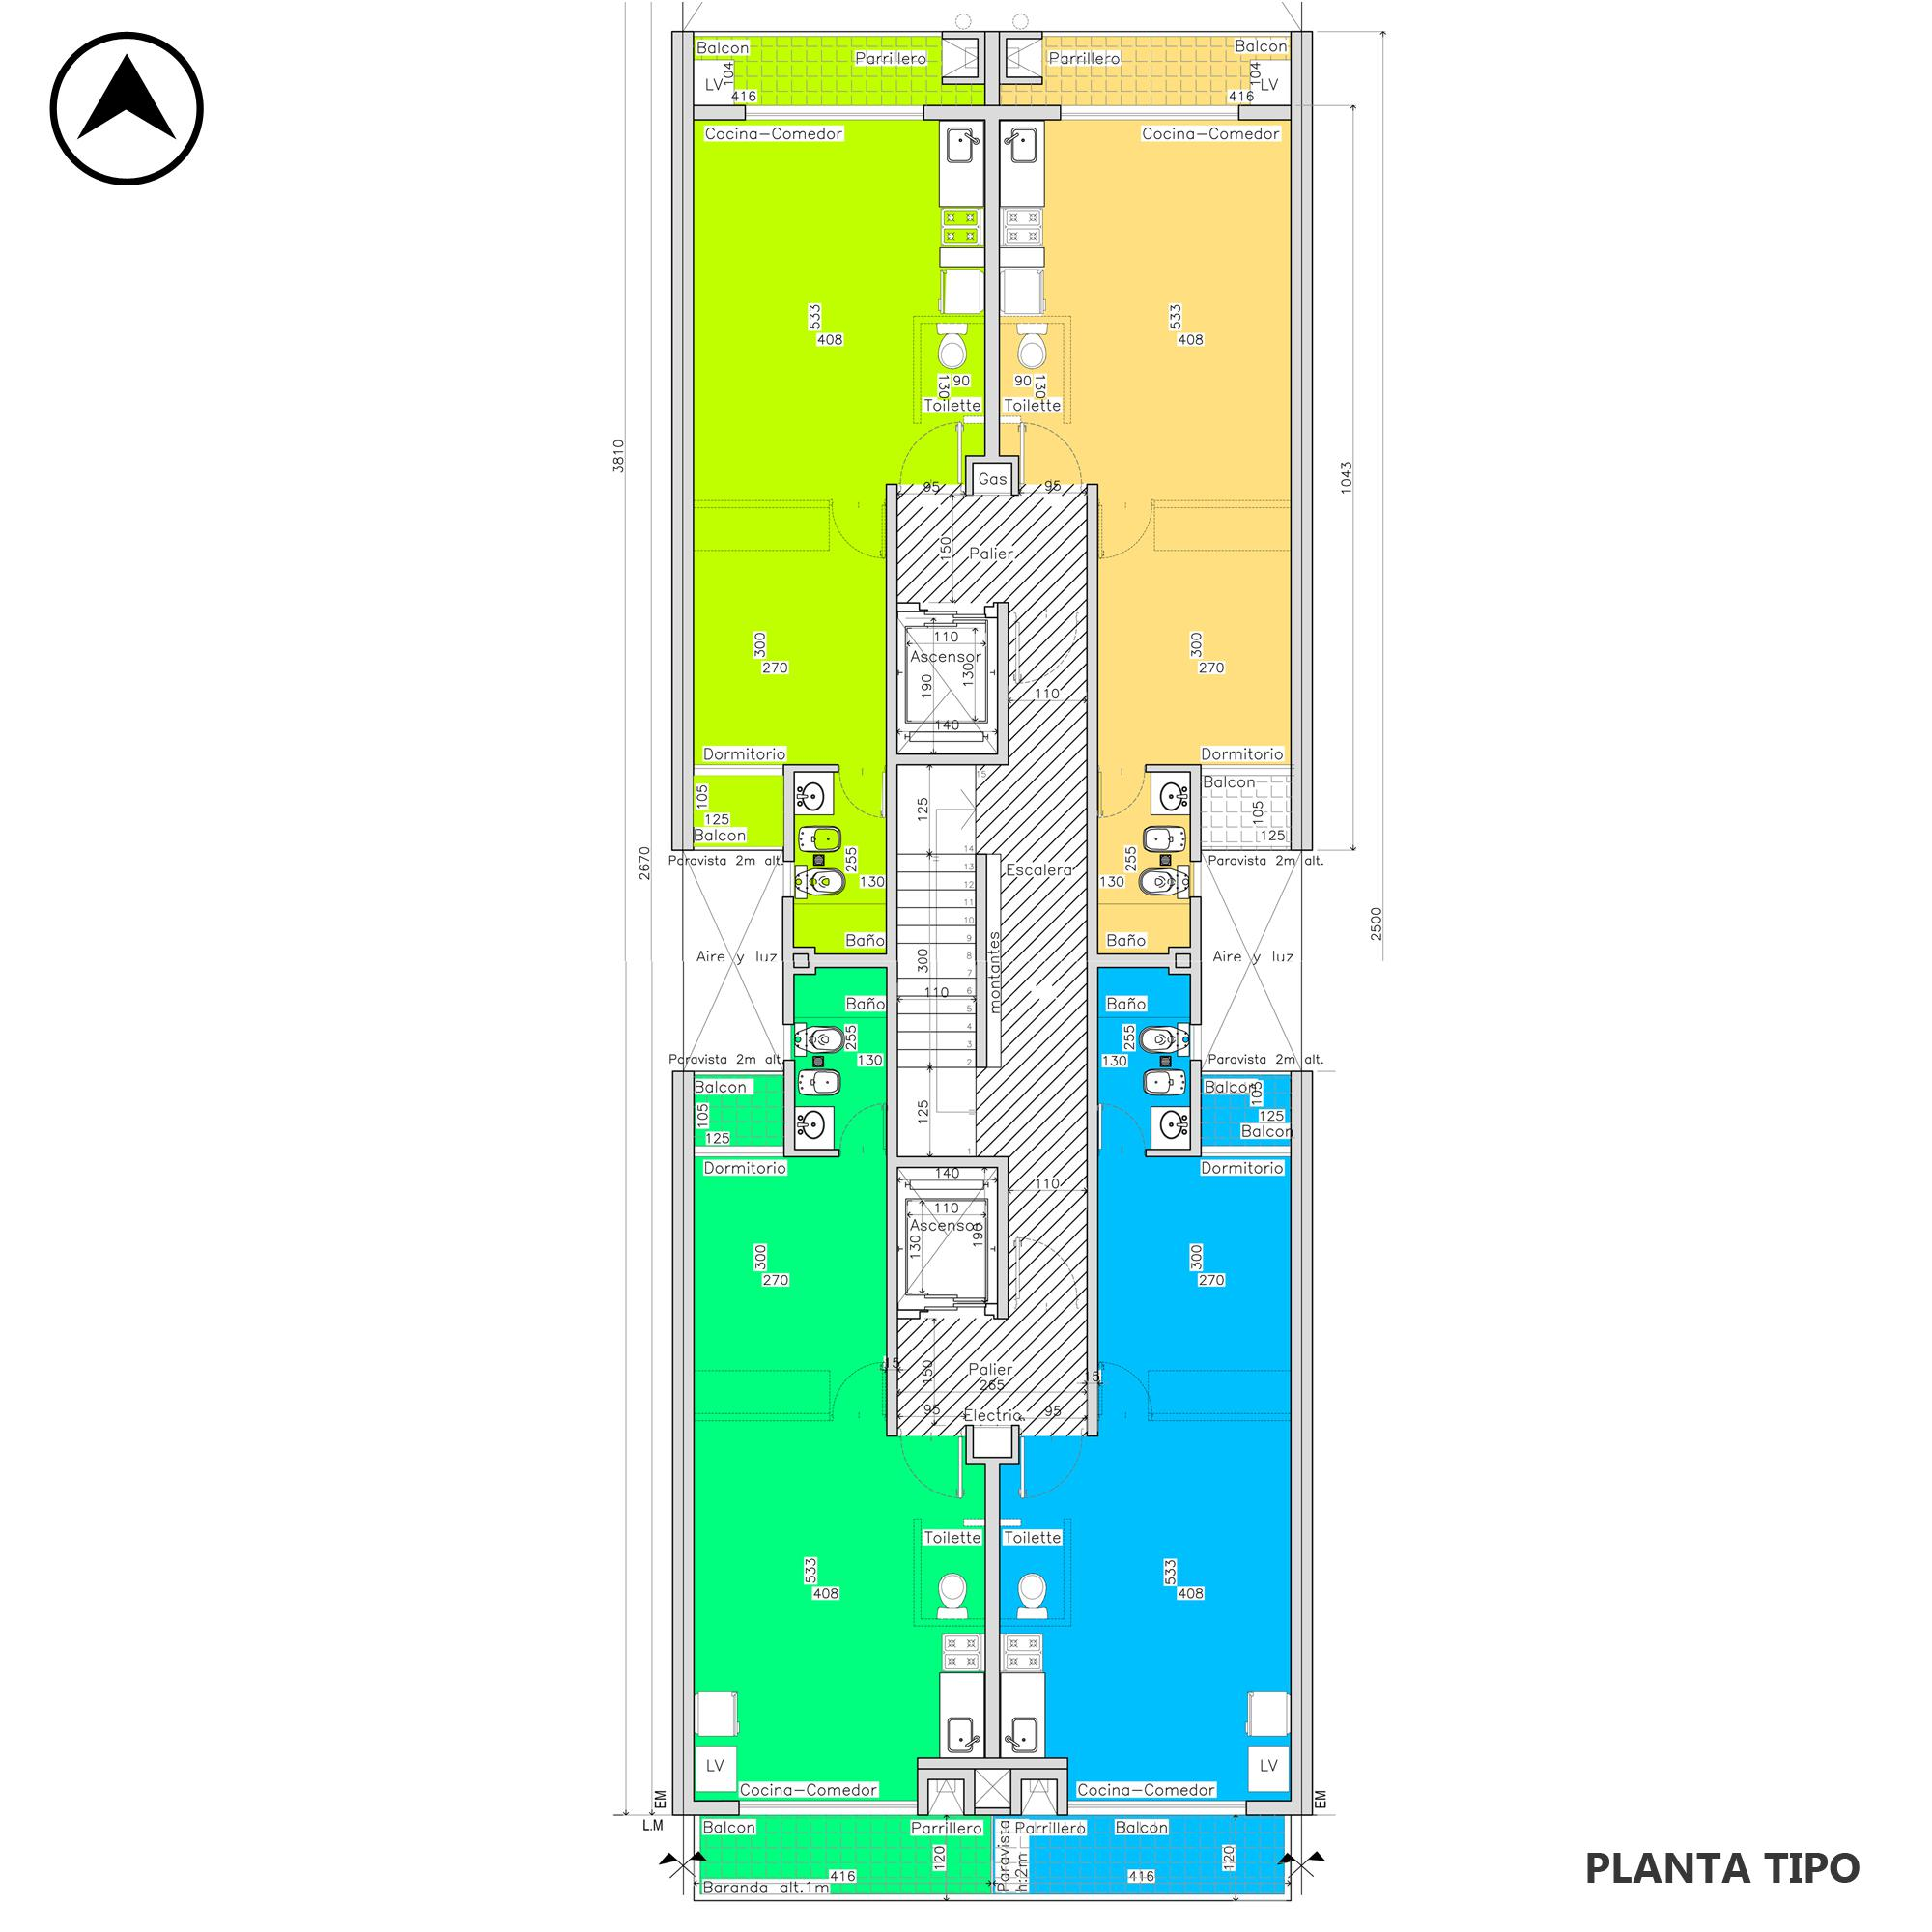 Venta departamento 1 dormitorio Rosario, Centro. Cod CBU20273 AP2006591. Crestale Propiedades